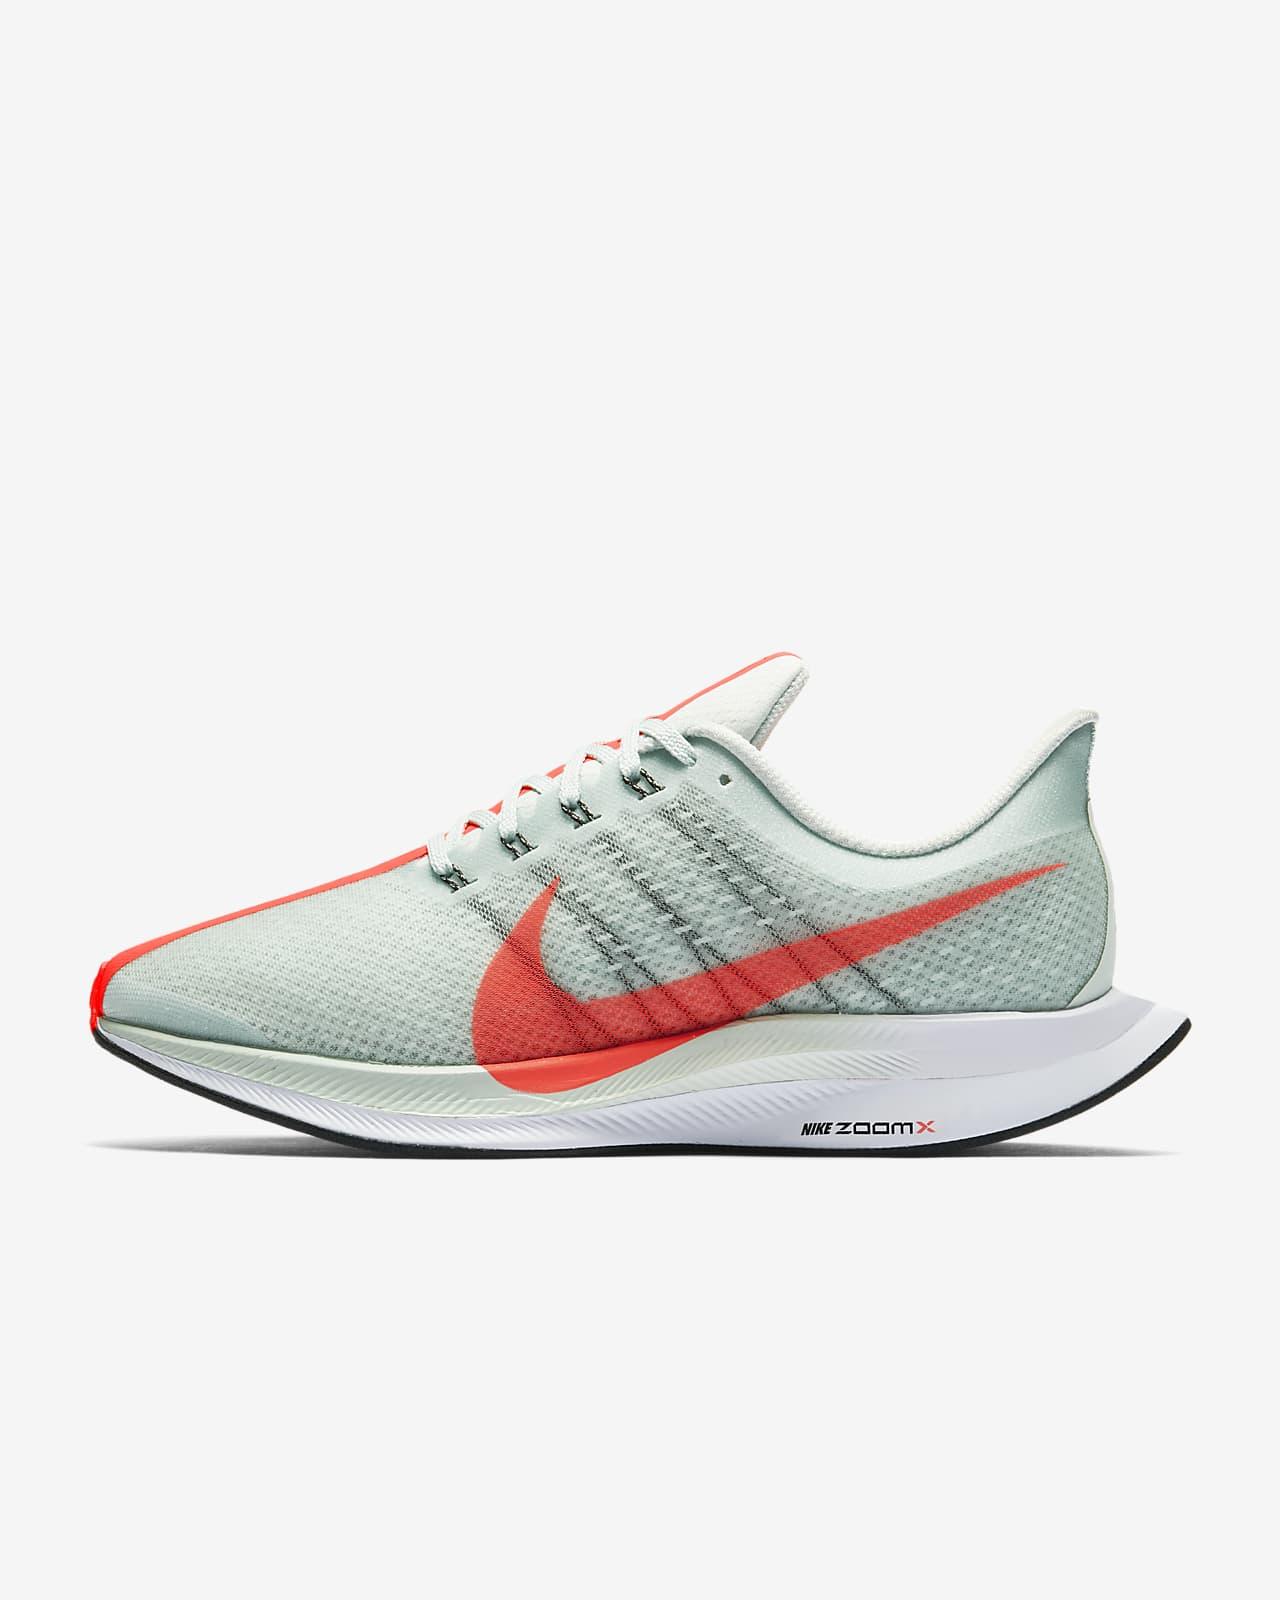 Nike Zoom Pegasus Turbo Women's Running Shoe